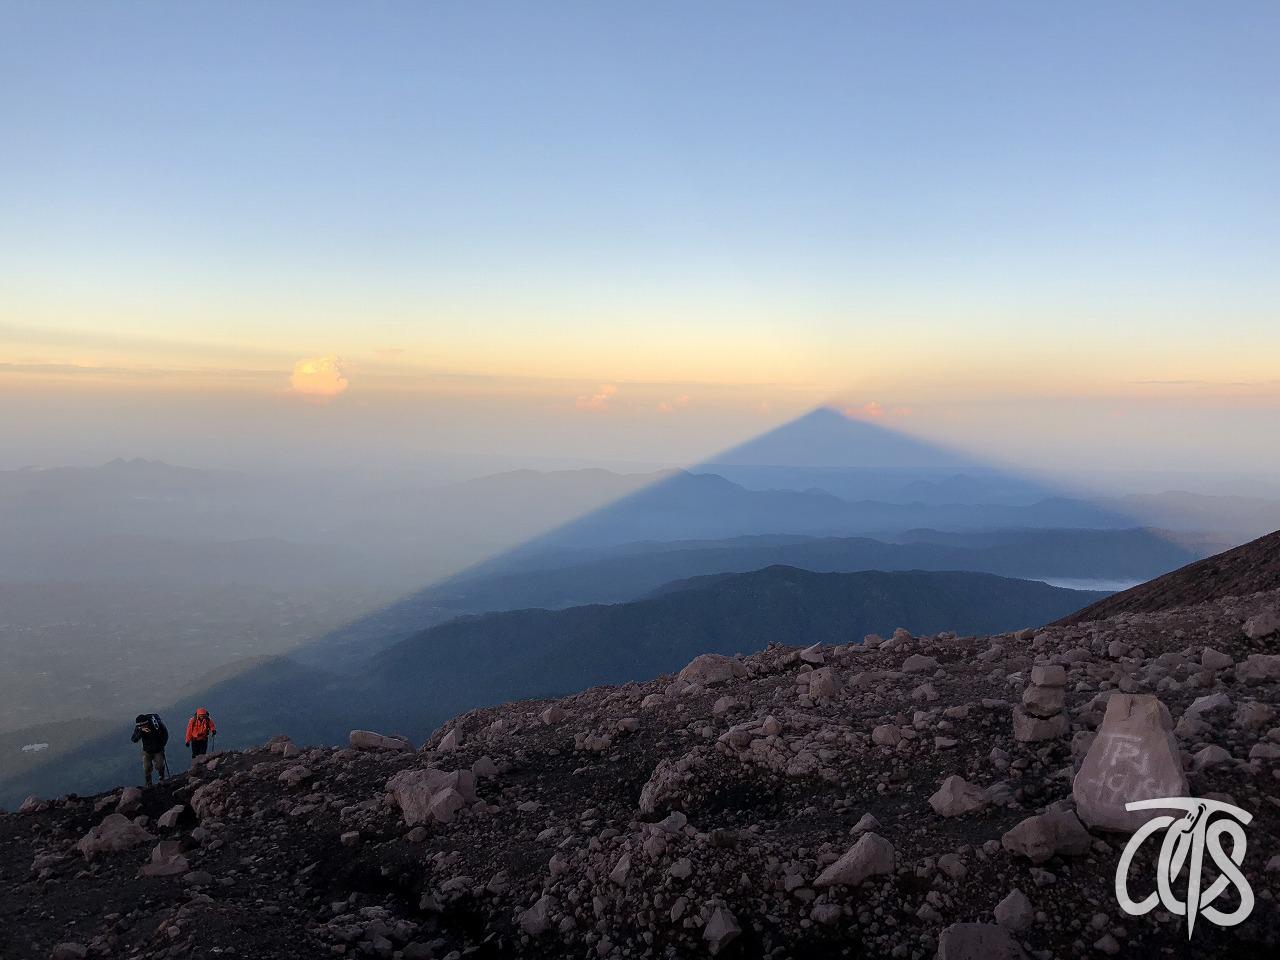 雲海に映る影クリンチ山